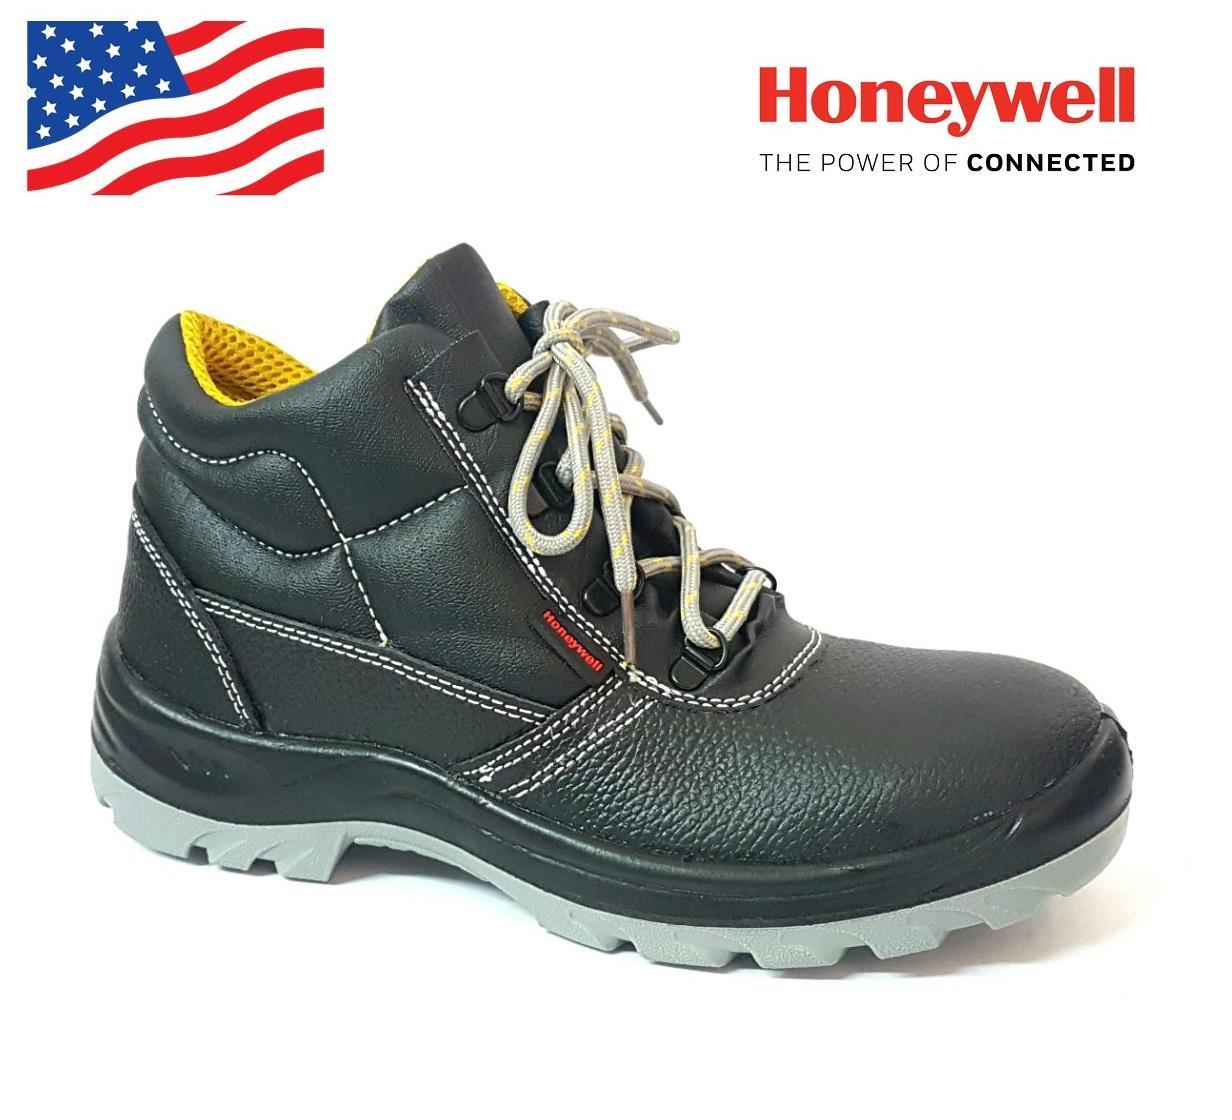 Hình ảnh Giày bảo hộ Honeywell 9542B - ME size 41 (cao cổ)